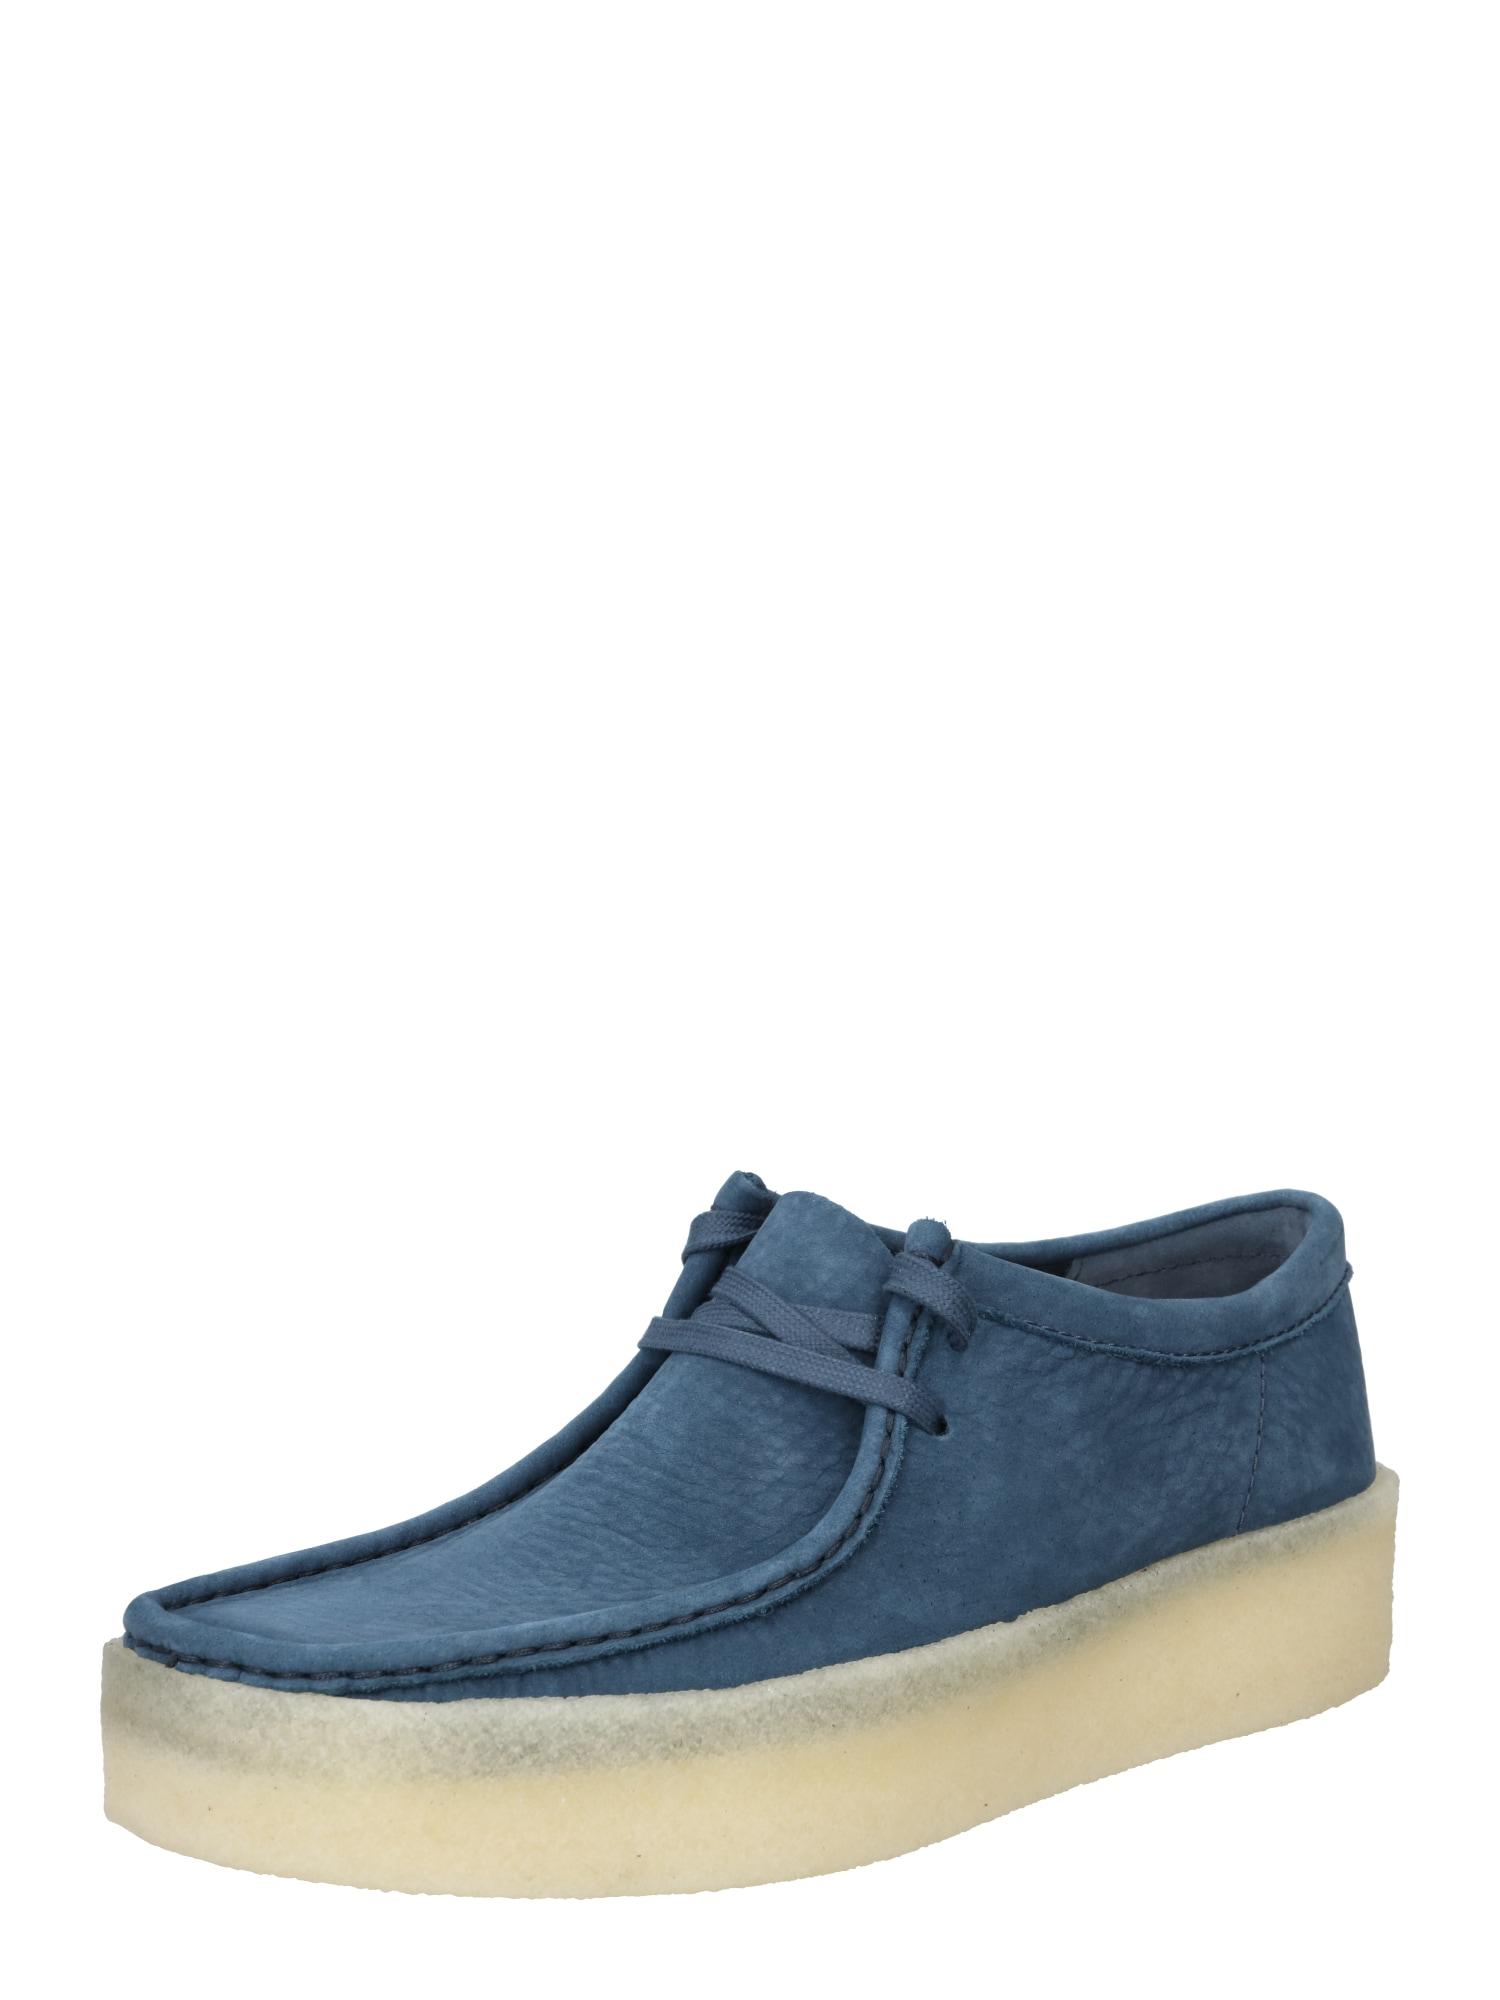 Clarks Originals Šněrovací boty 'Wallabee'  nebeská modř